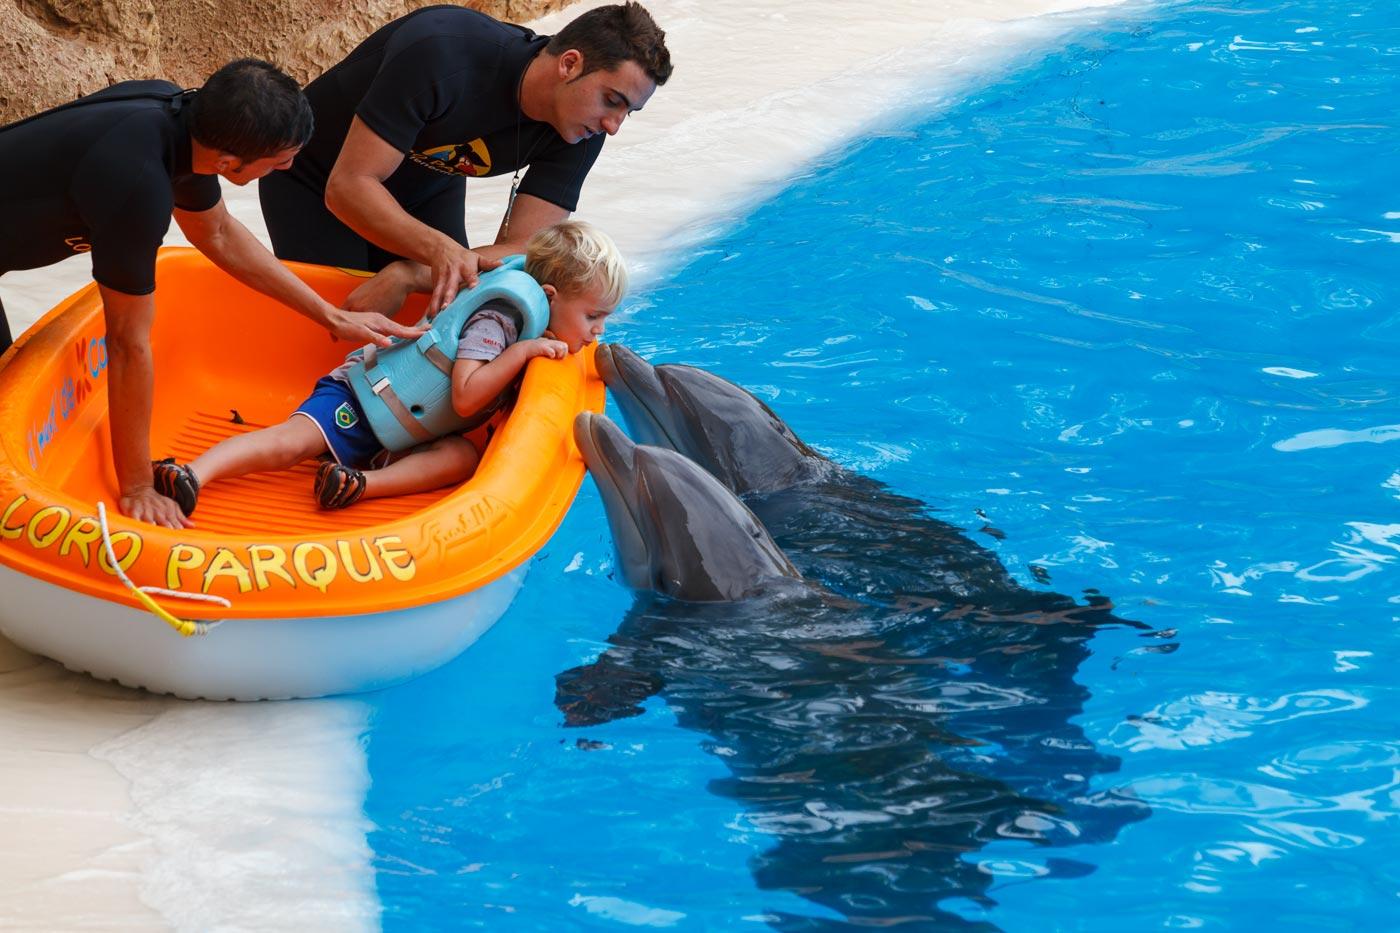 Этот день 8 лет назад: Аттракцион с дельфинами в Лоро парке, Тенерифе